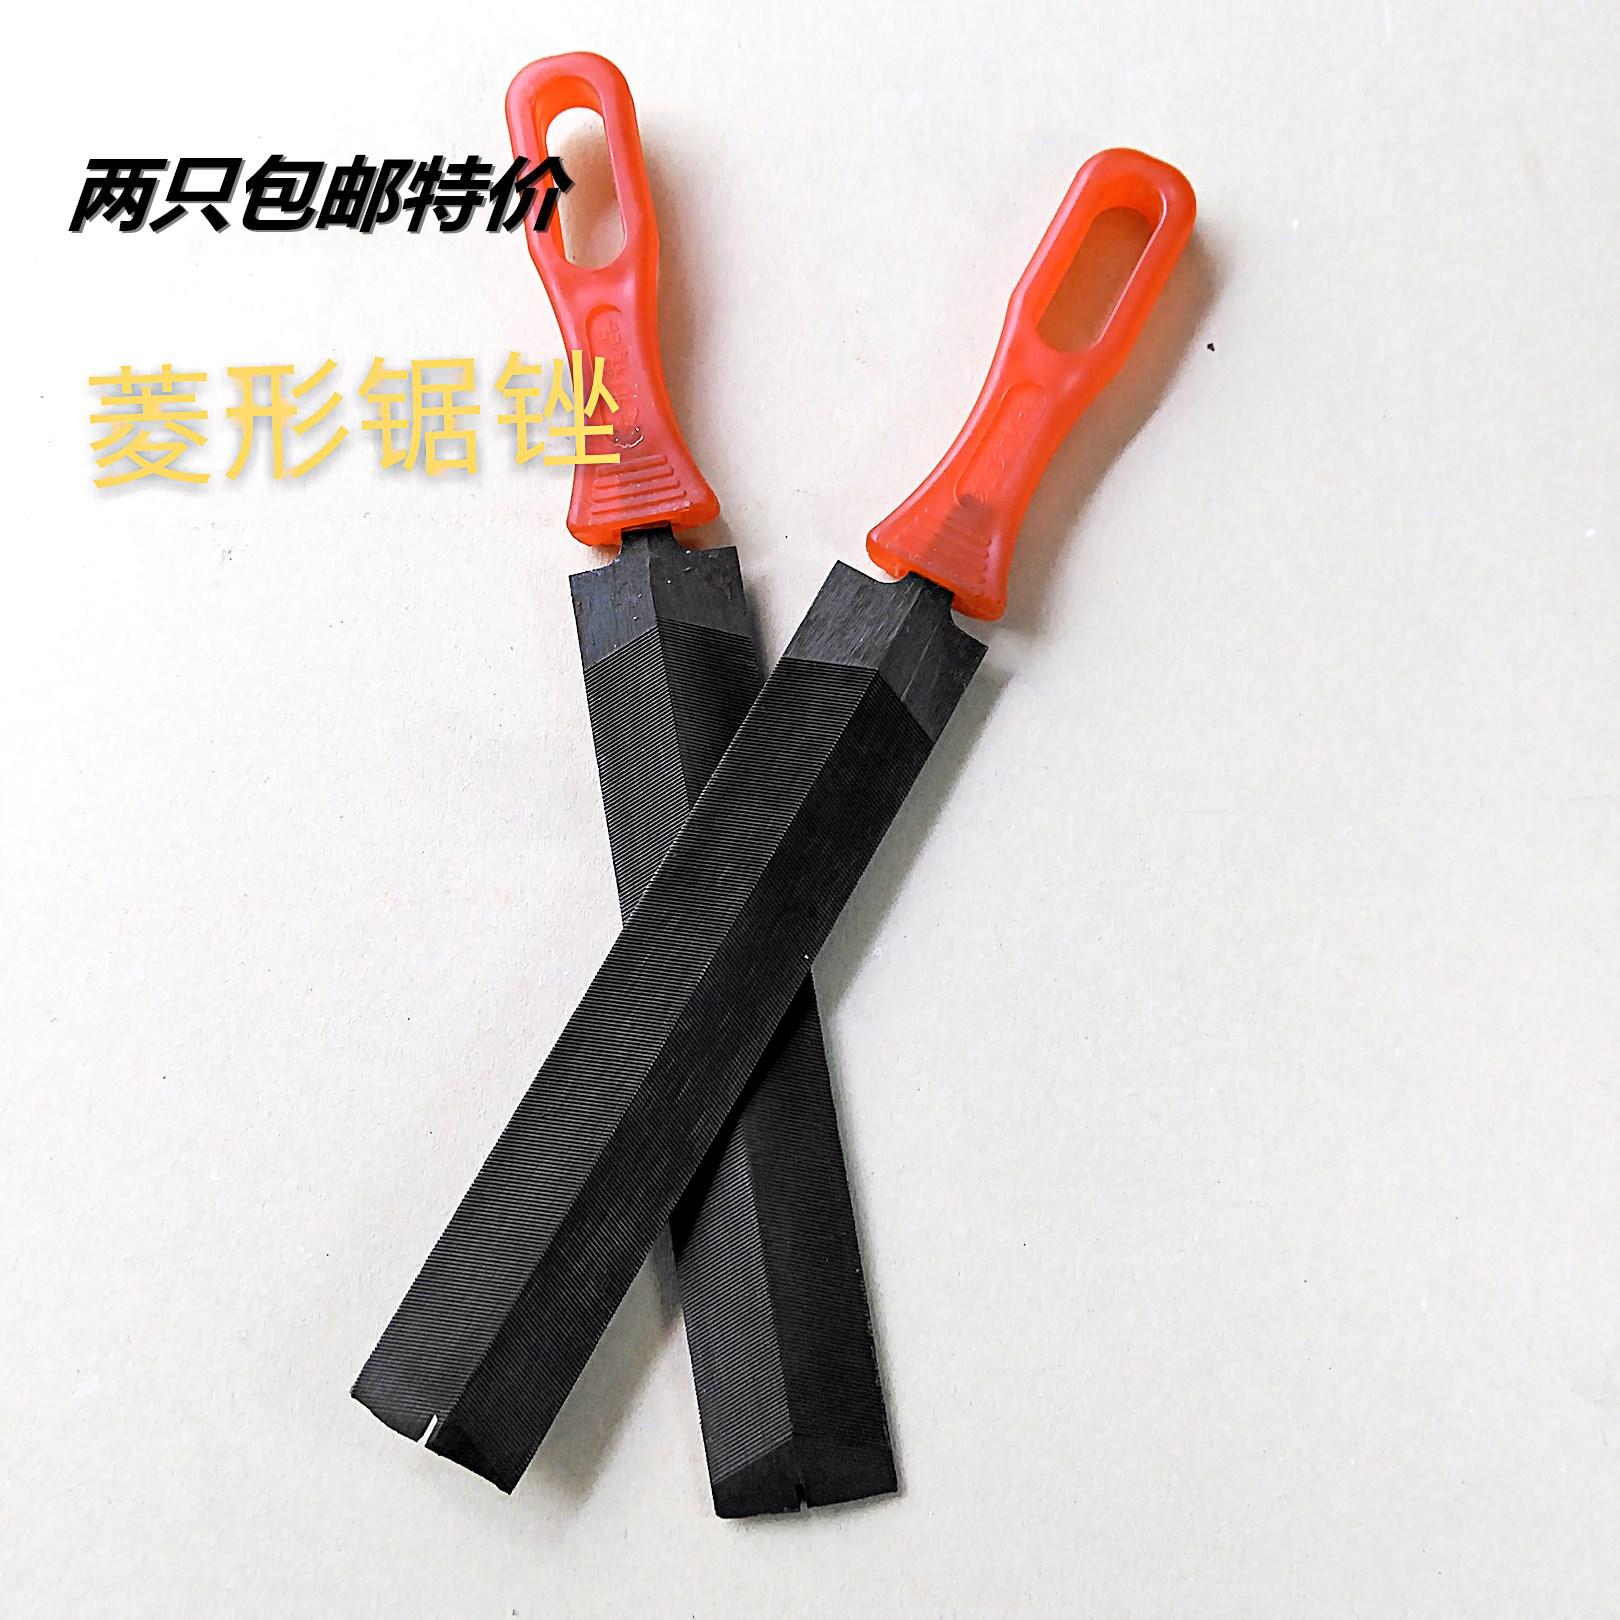 [【两] только бесплатная доставка по китаю [】锯子菱形锉刀锯锉木工锉] ручная работа [锯锉据锉园林工具磨刀器]